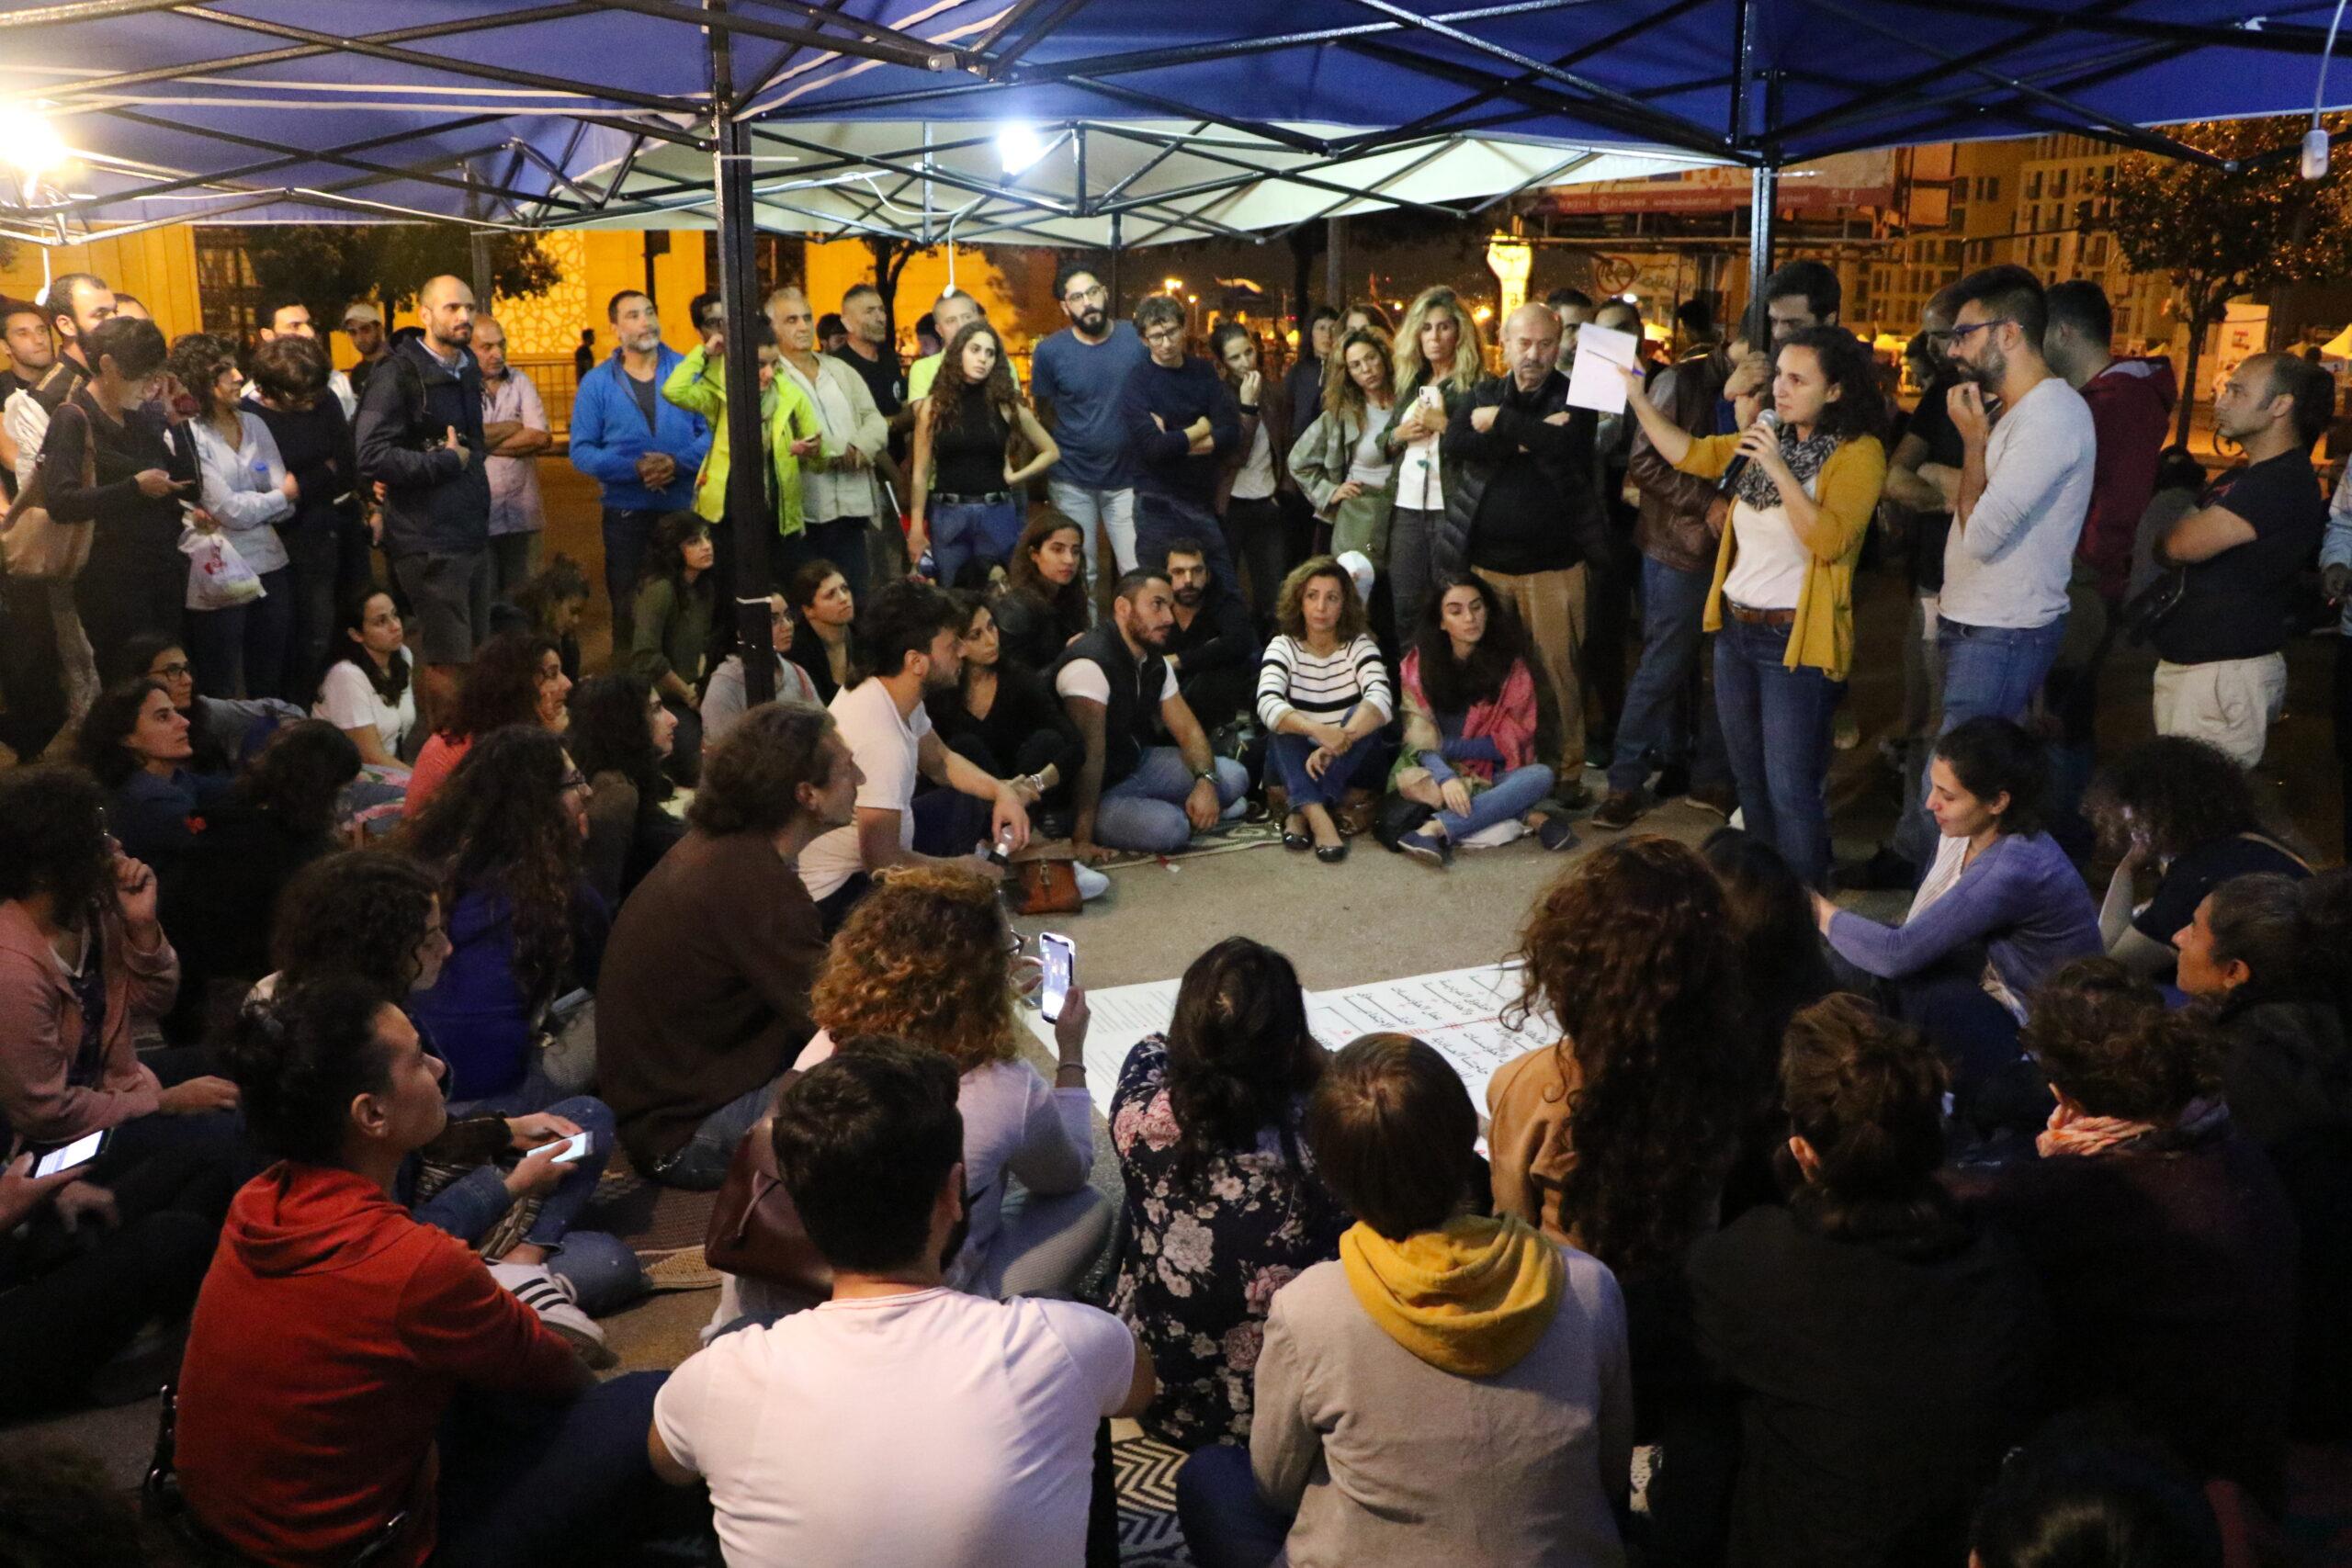 الخيم تجتاح الساحات في بيروت وطرابلس: رسم الإنتفاضة عبر مساحاتها الحوارية